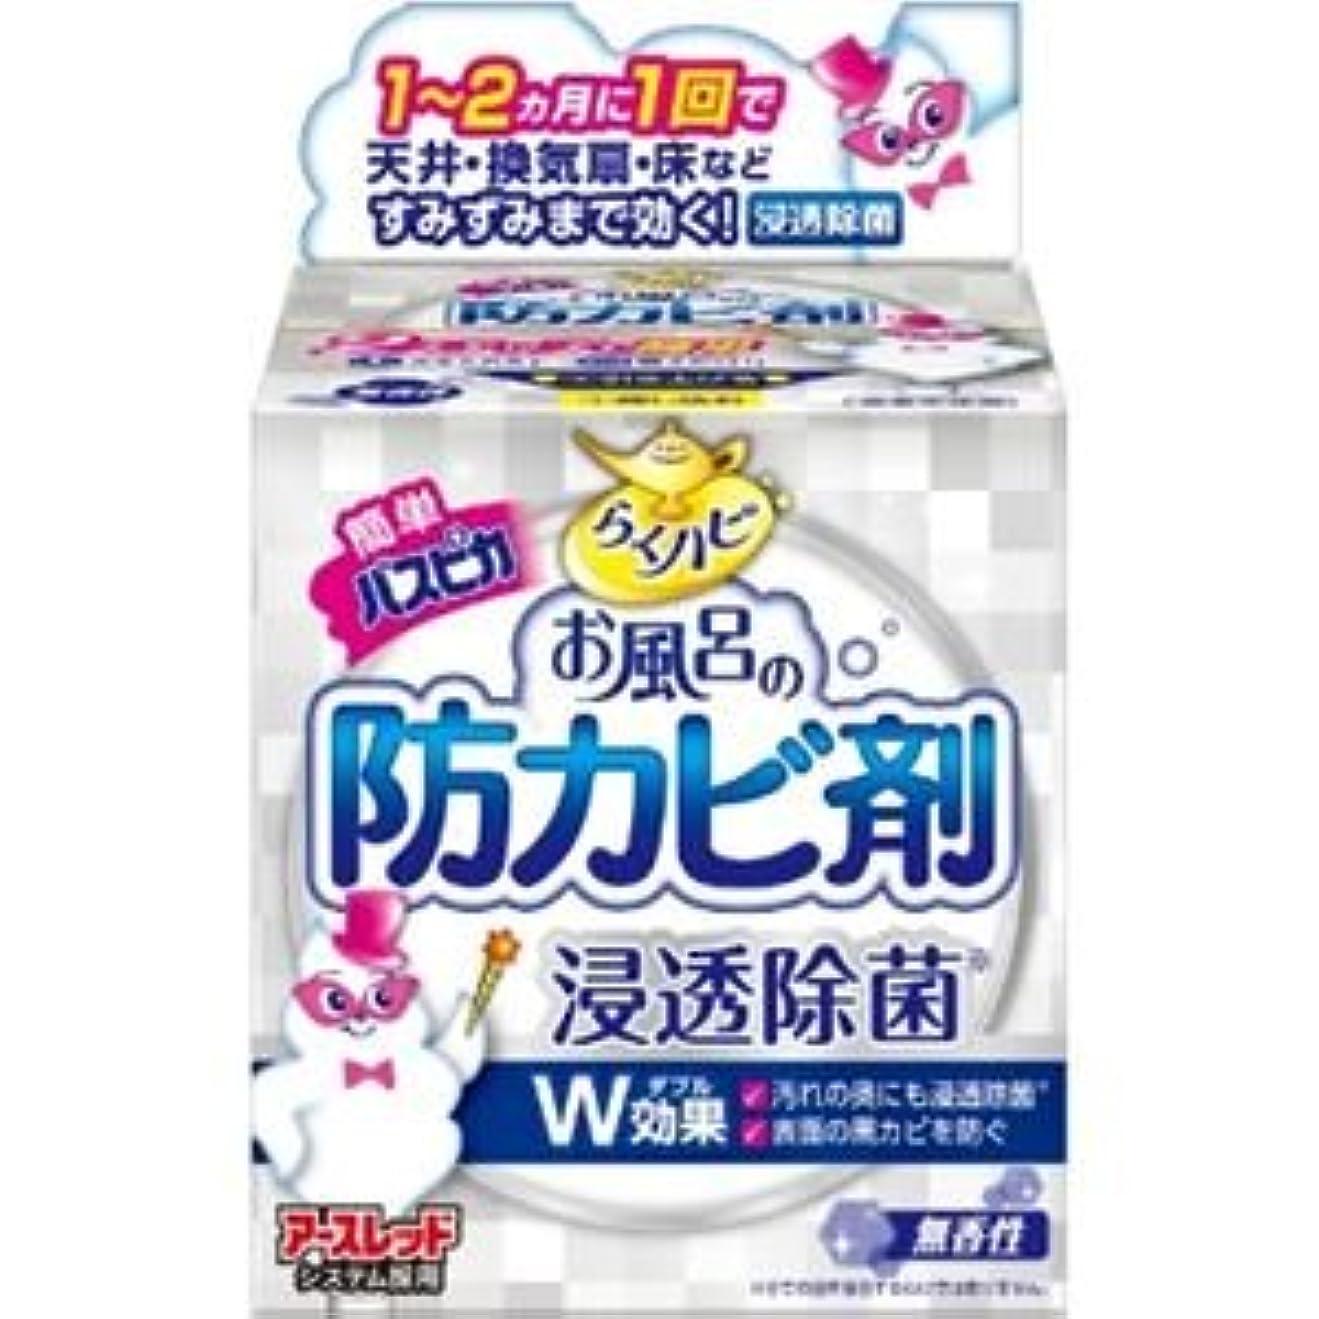 衝撃一般的に非常に怒っています(まとめ)アース製薬 らくハピお風呂の防カビ剤無香性 【×3点セット】